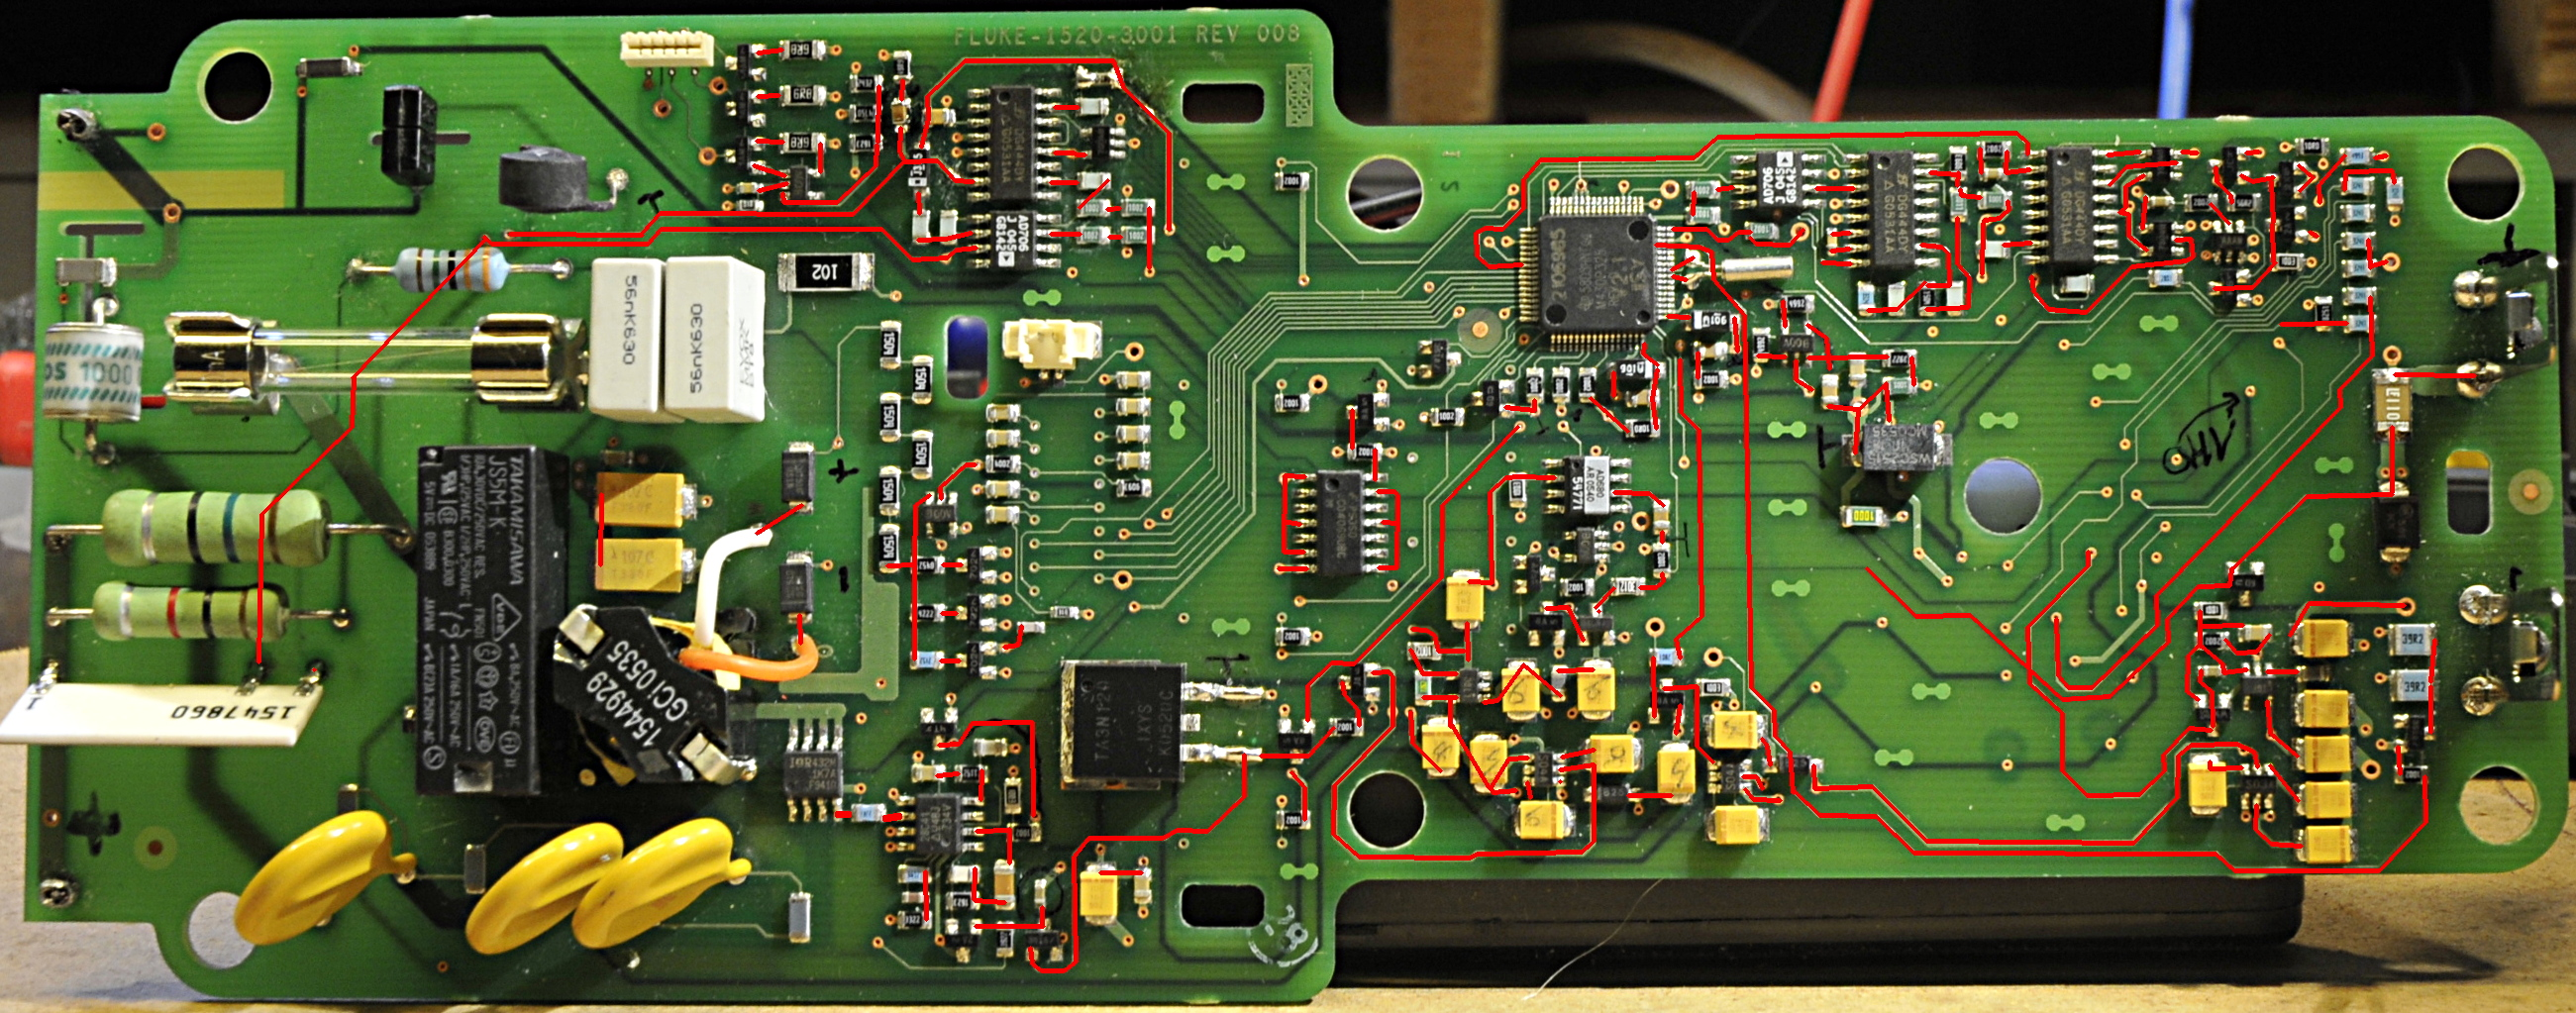 Fluke 1520 MegOhmMeter service manual ? No high voltage